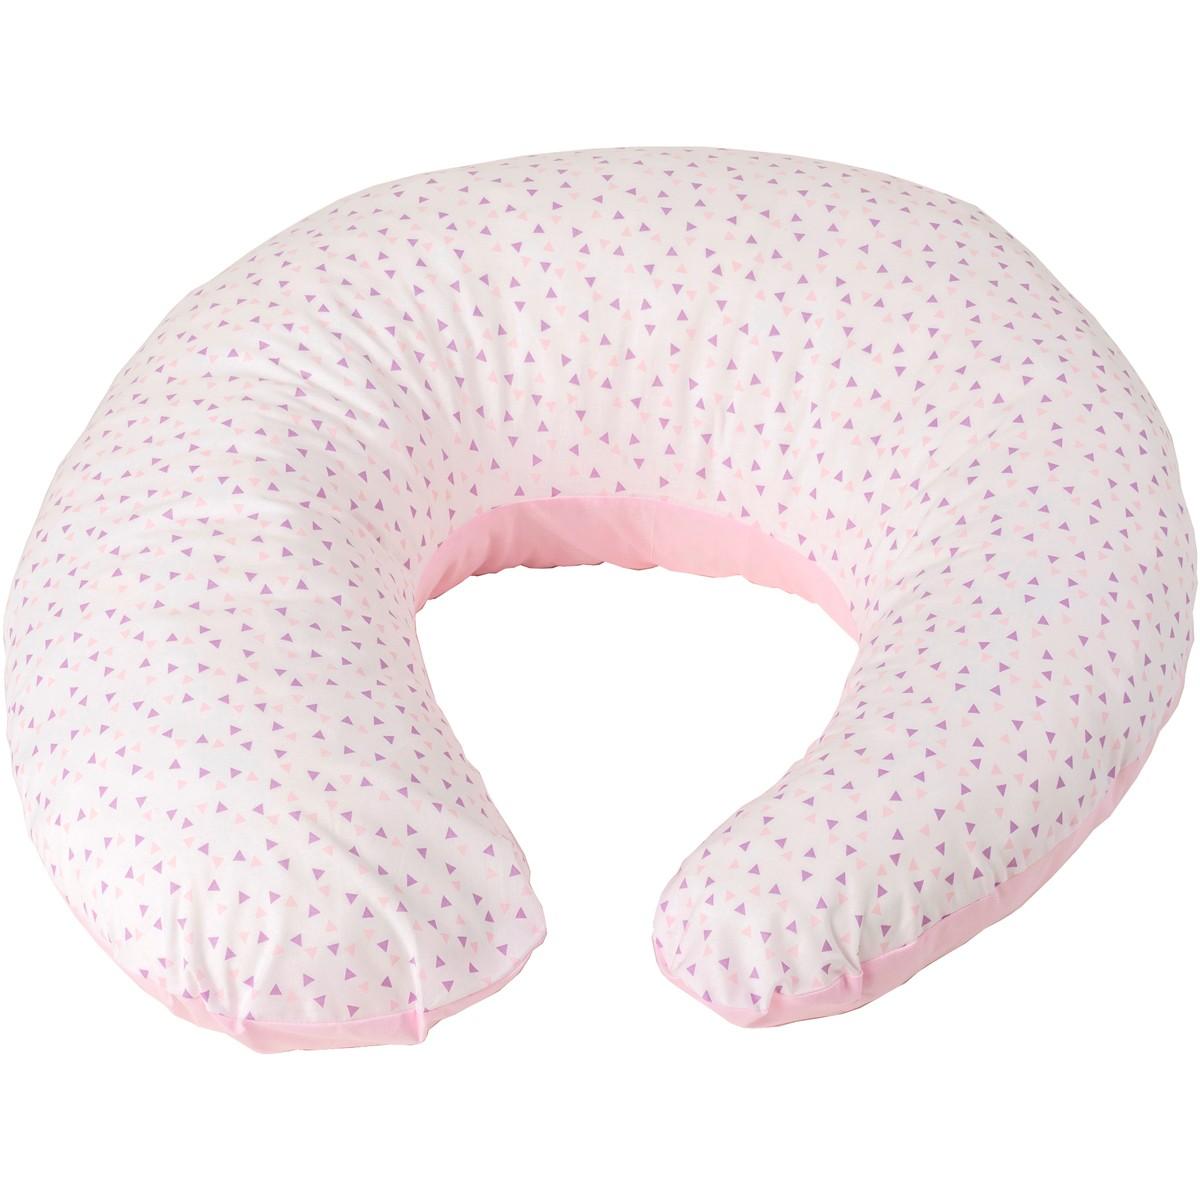 Μαξιλάρι Θηλασμού Κόσμος Του Μωρού 6460 Home Ροζ home   βρεφικά   μαξιλάρια επιστρώματα